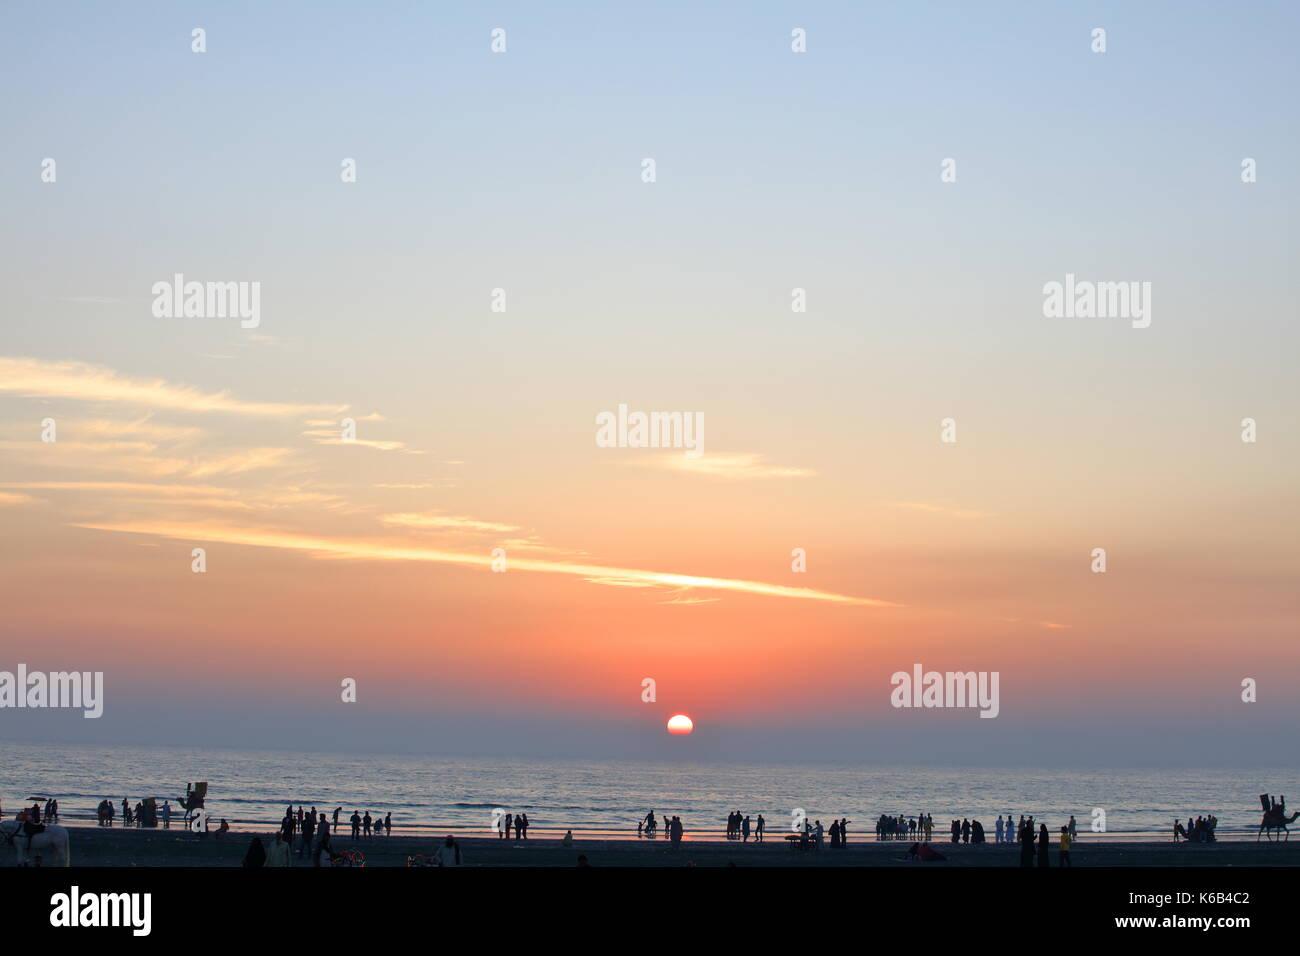 Karachi Coast Stock Photos & Karachi Coast Stock Images - Alamy